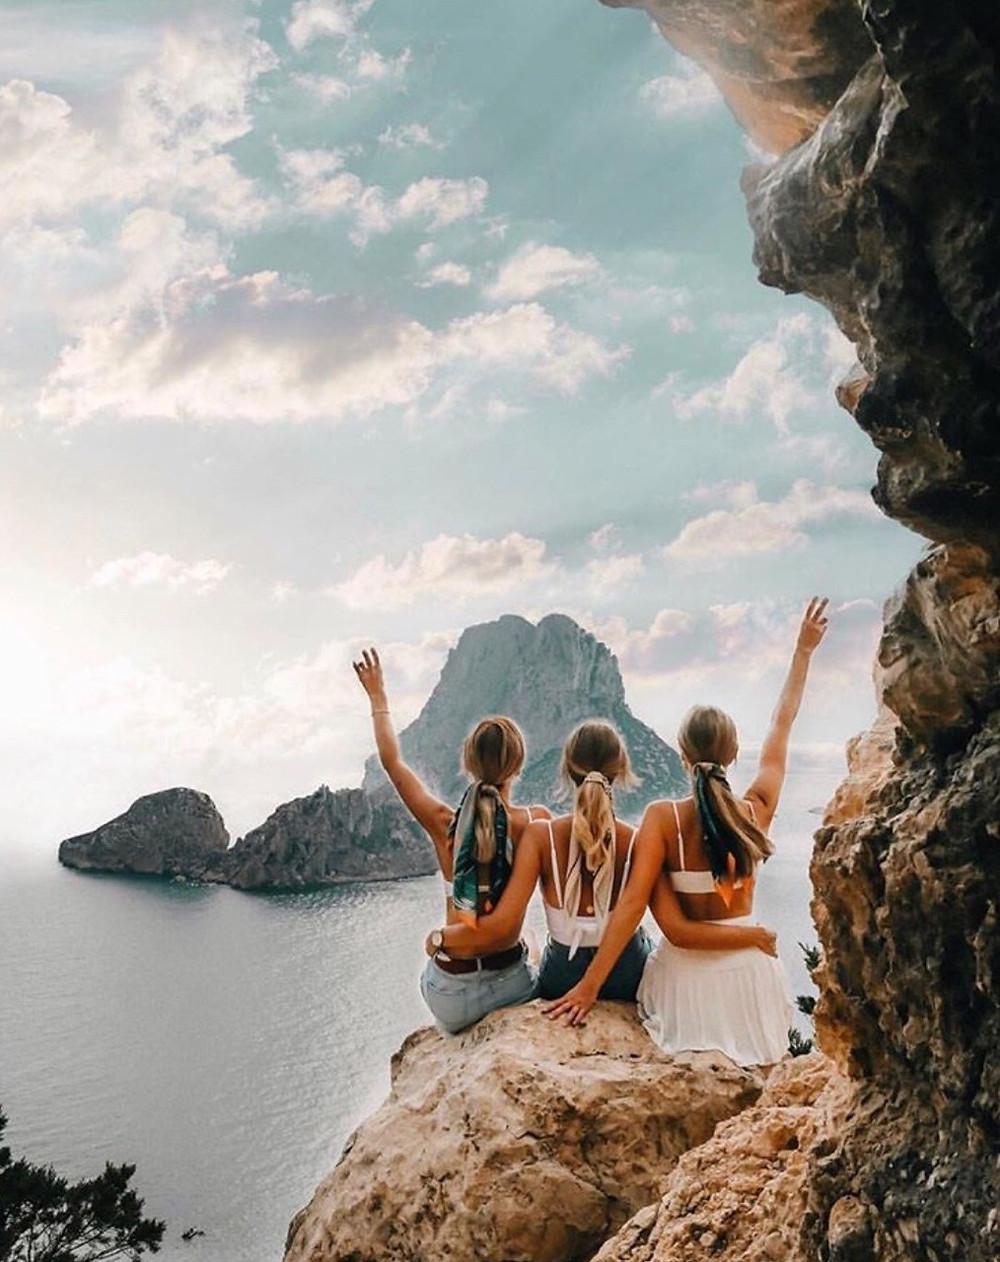 3 amigas felizes por praticarem a gratidao